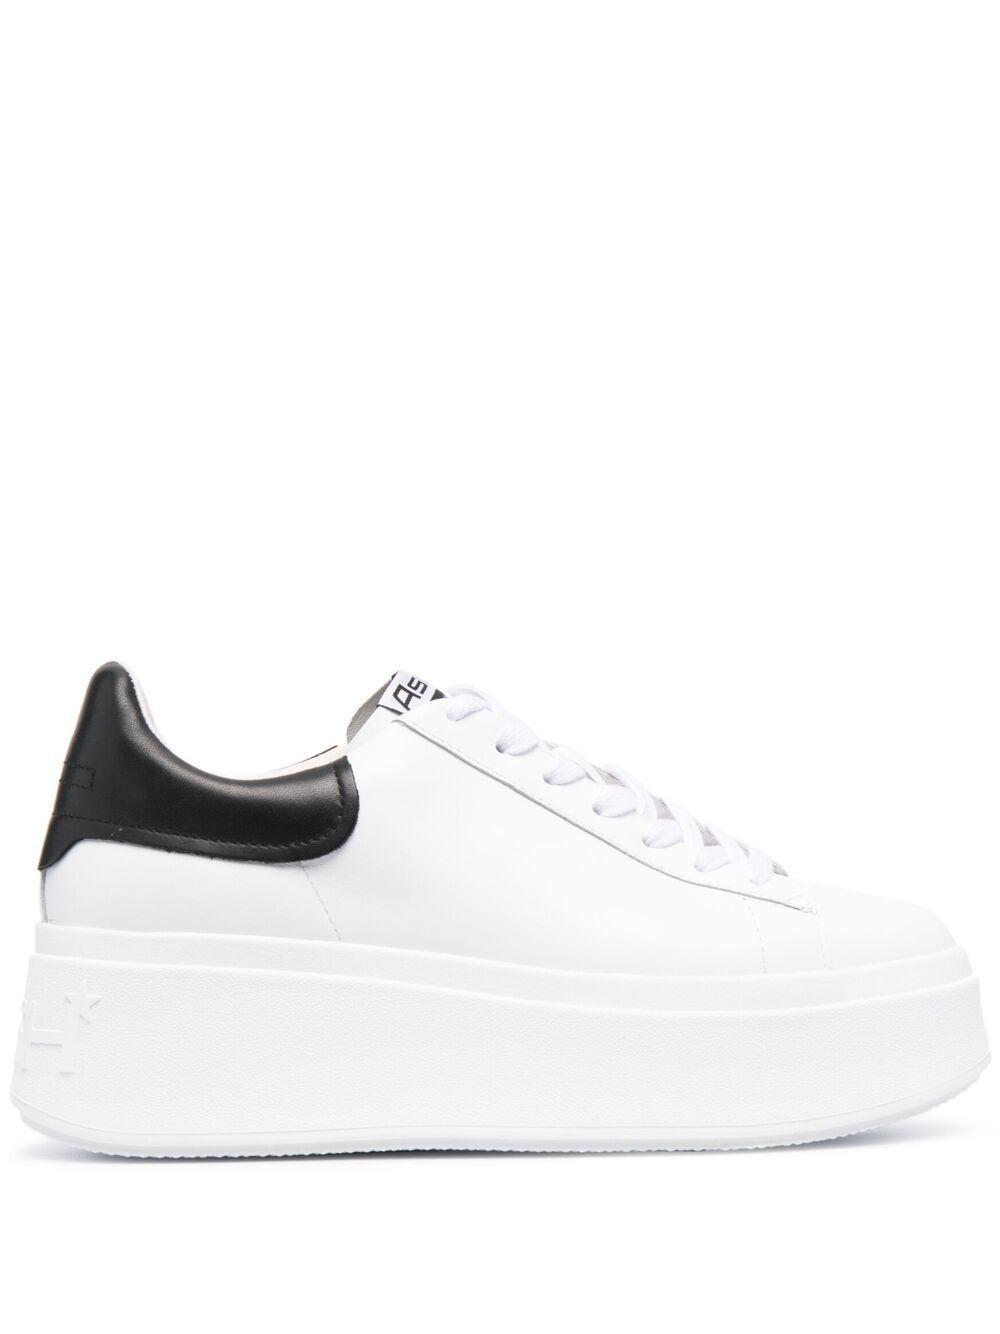 Sneaker moby in pelle